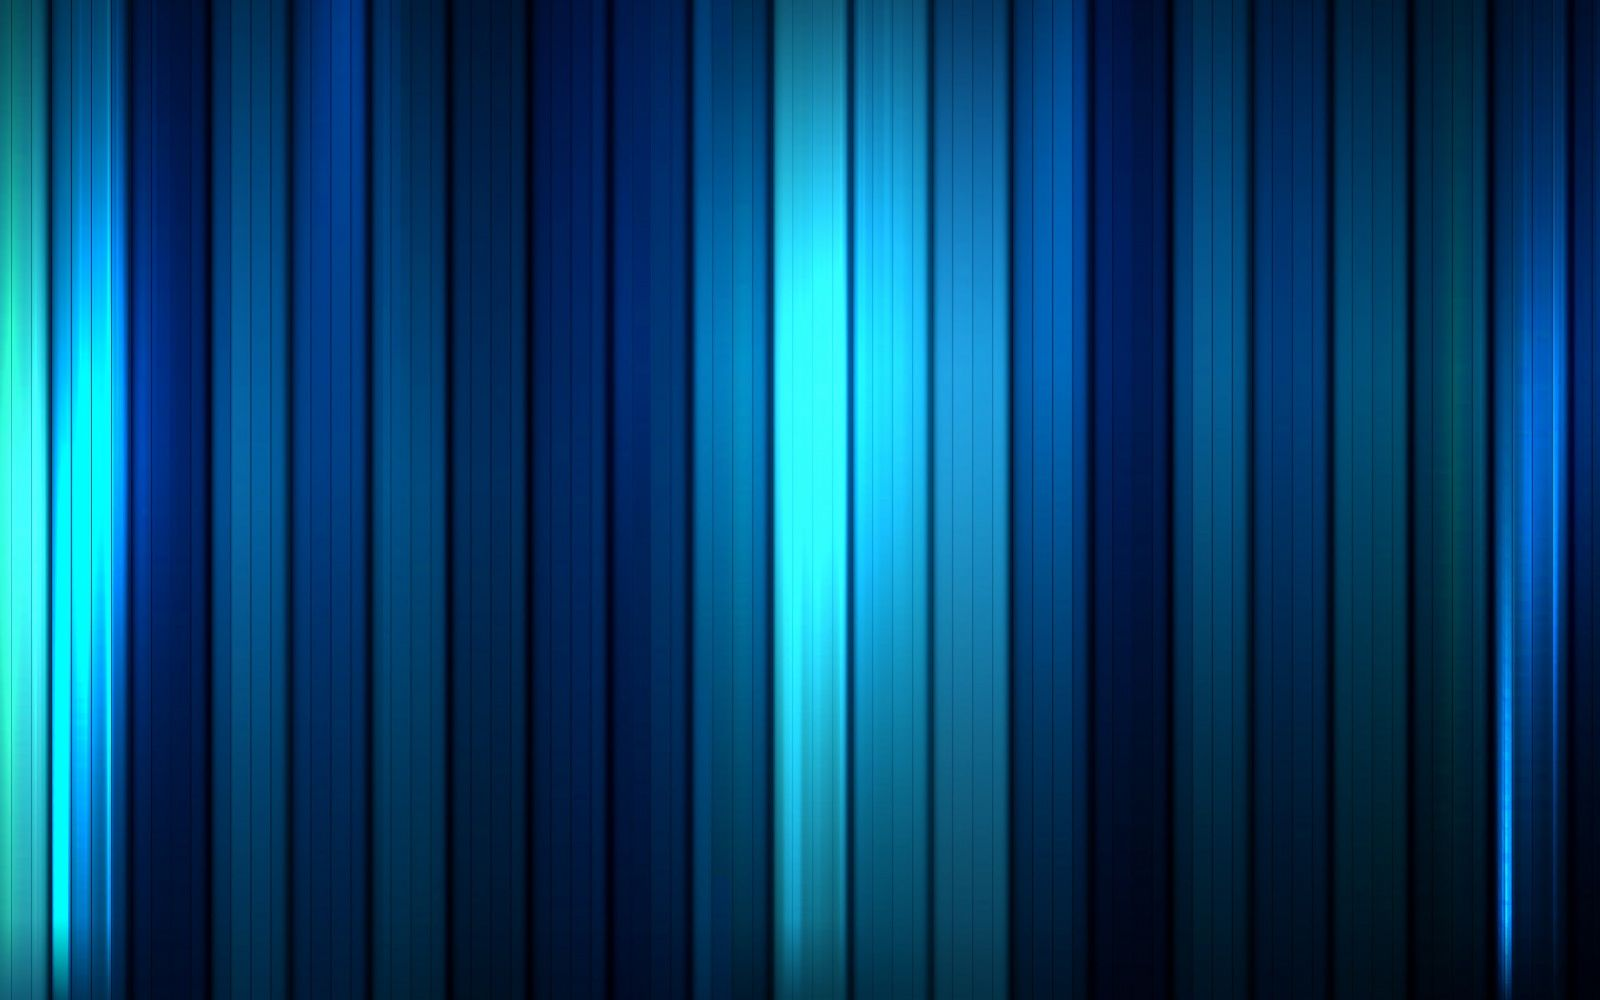 Blue The Best Top Desktop Blue Wallpapers Blue Wallpaper